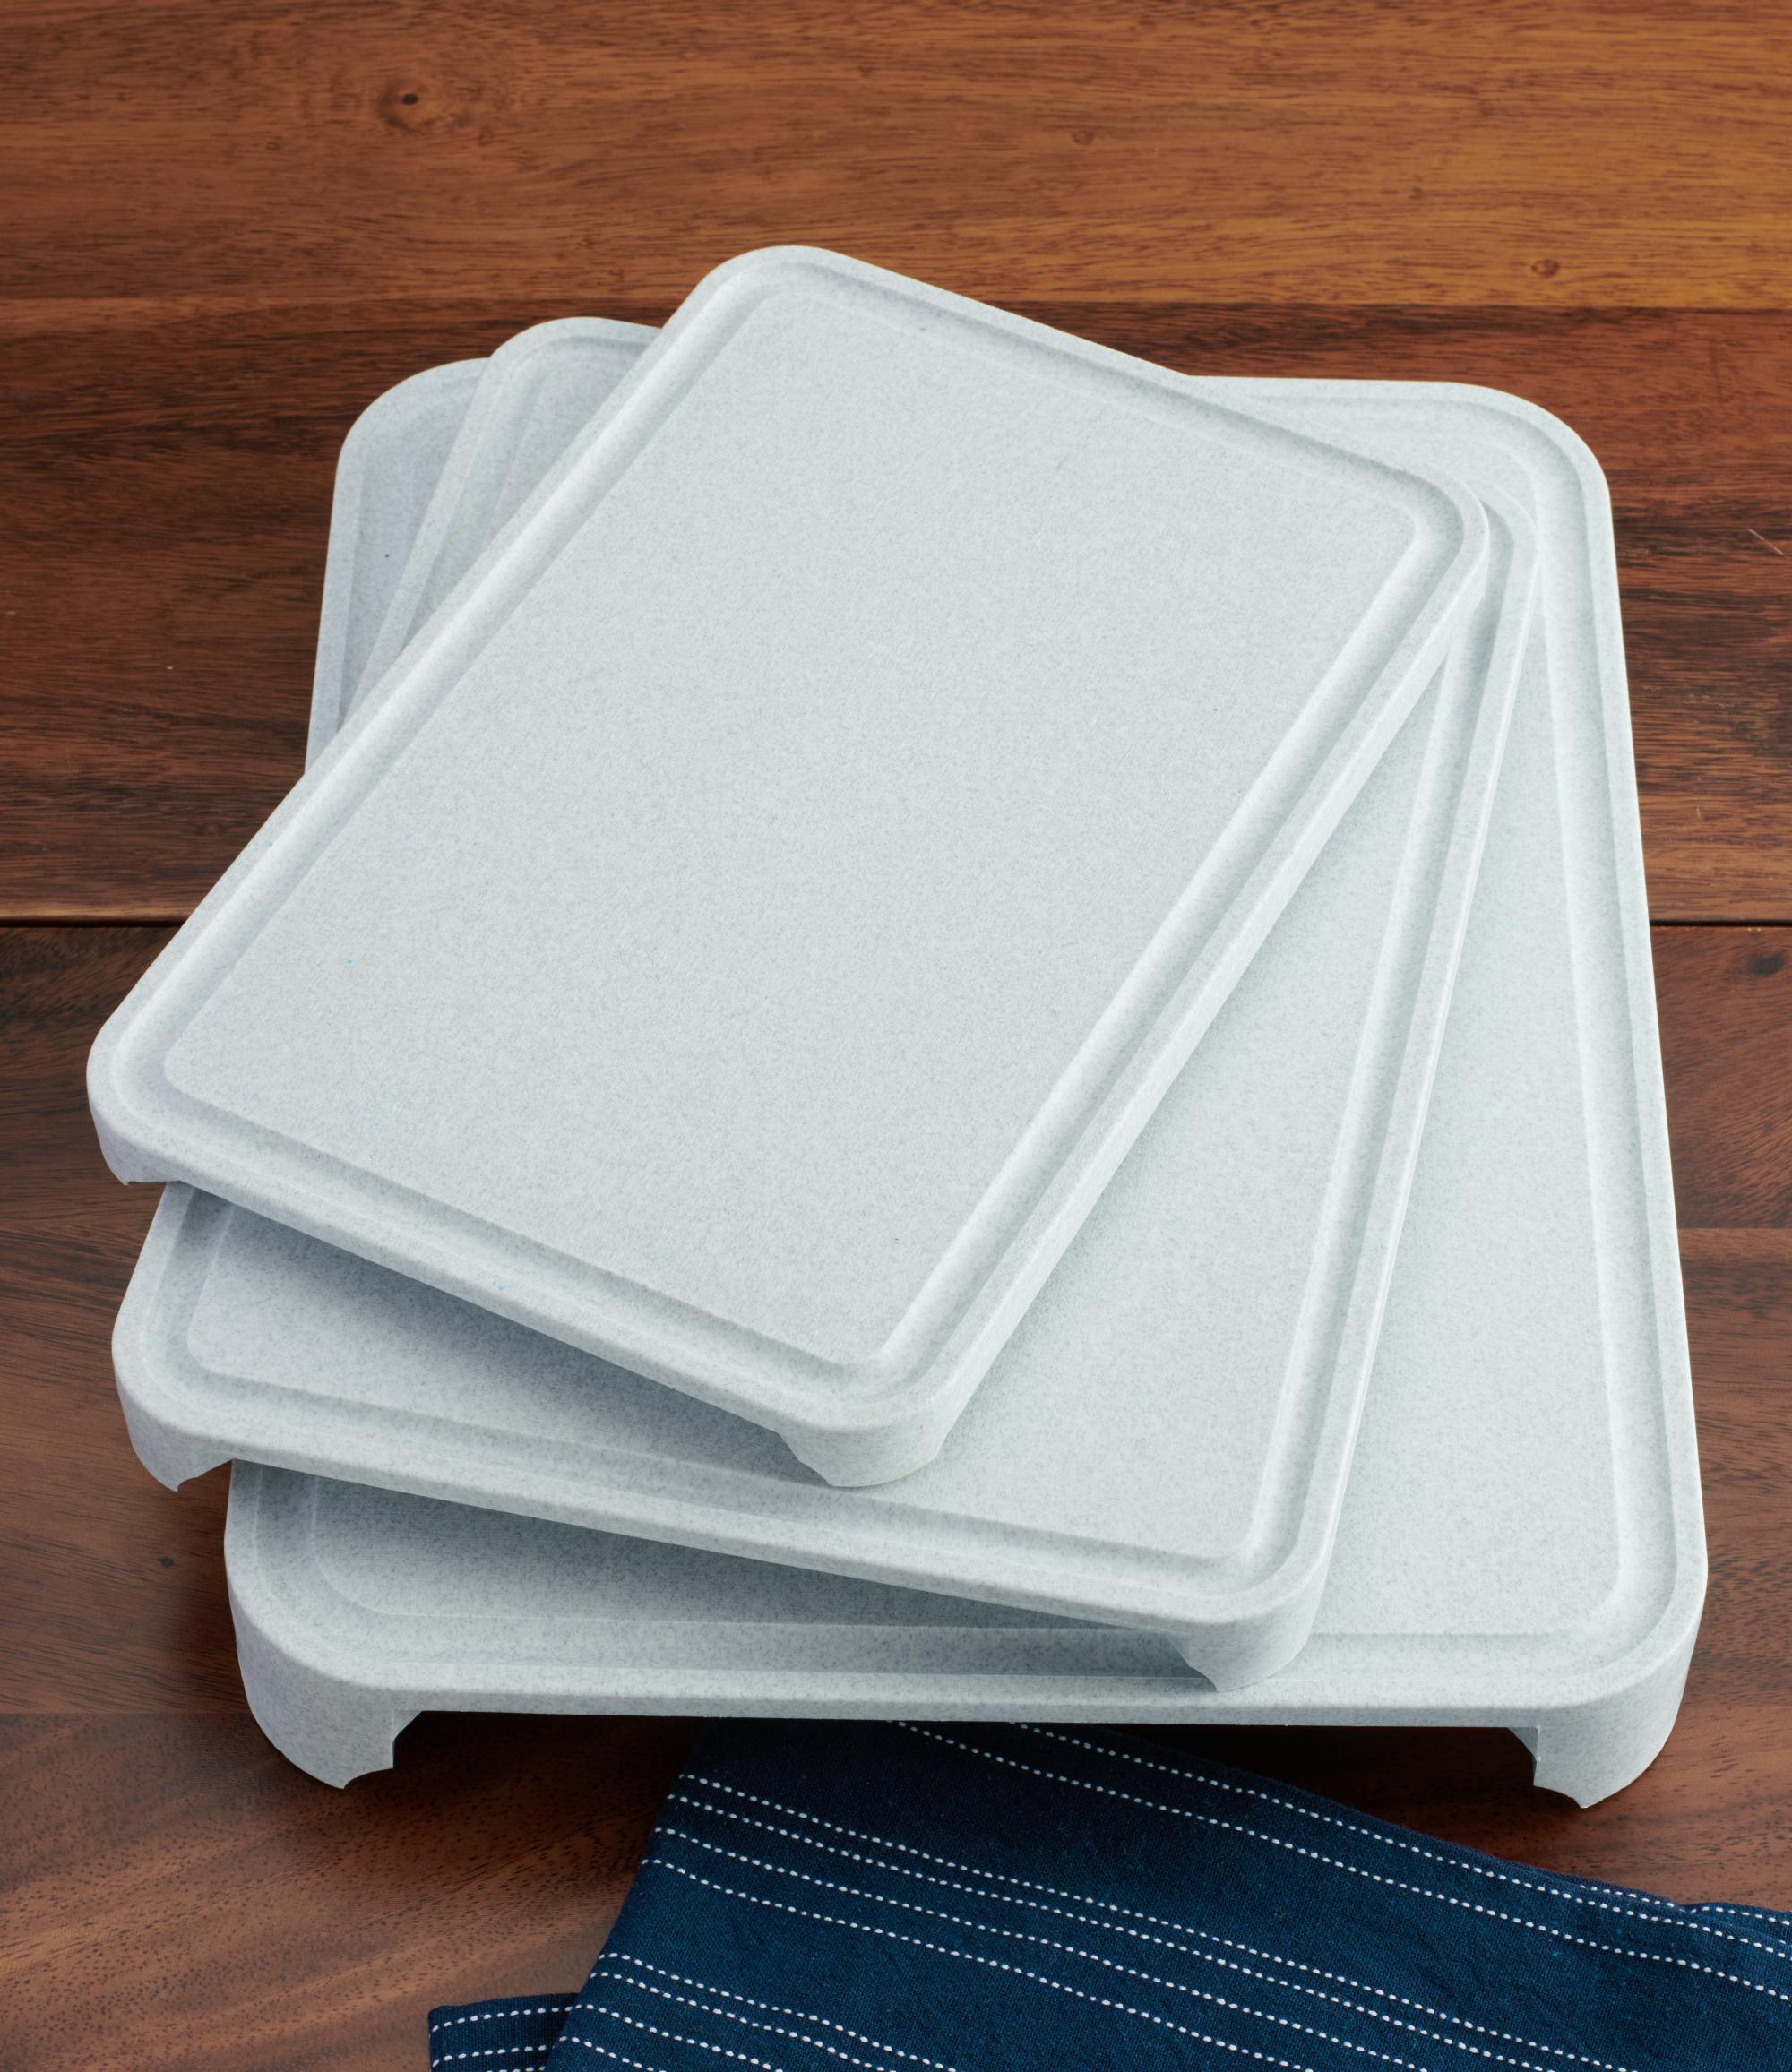 pc. cutting board set  cutting boards by cutco, Kitchen design